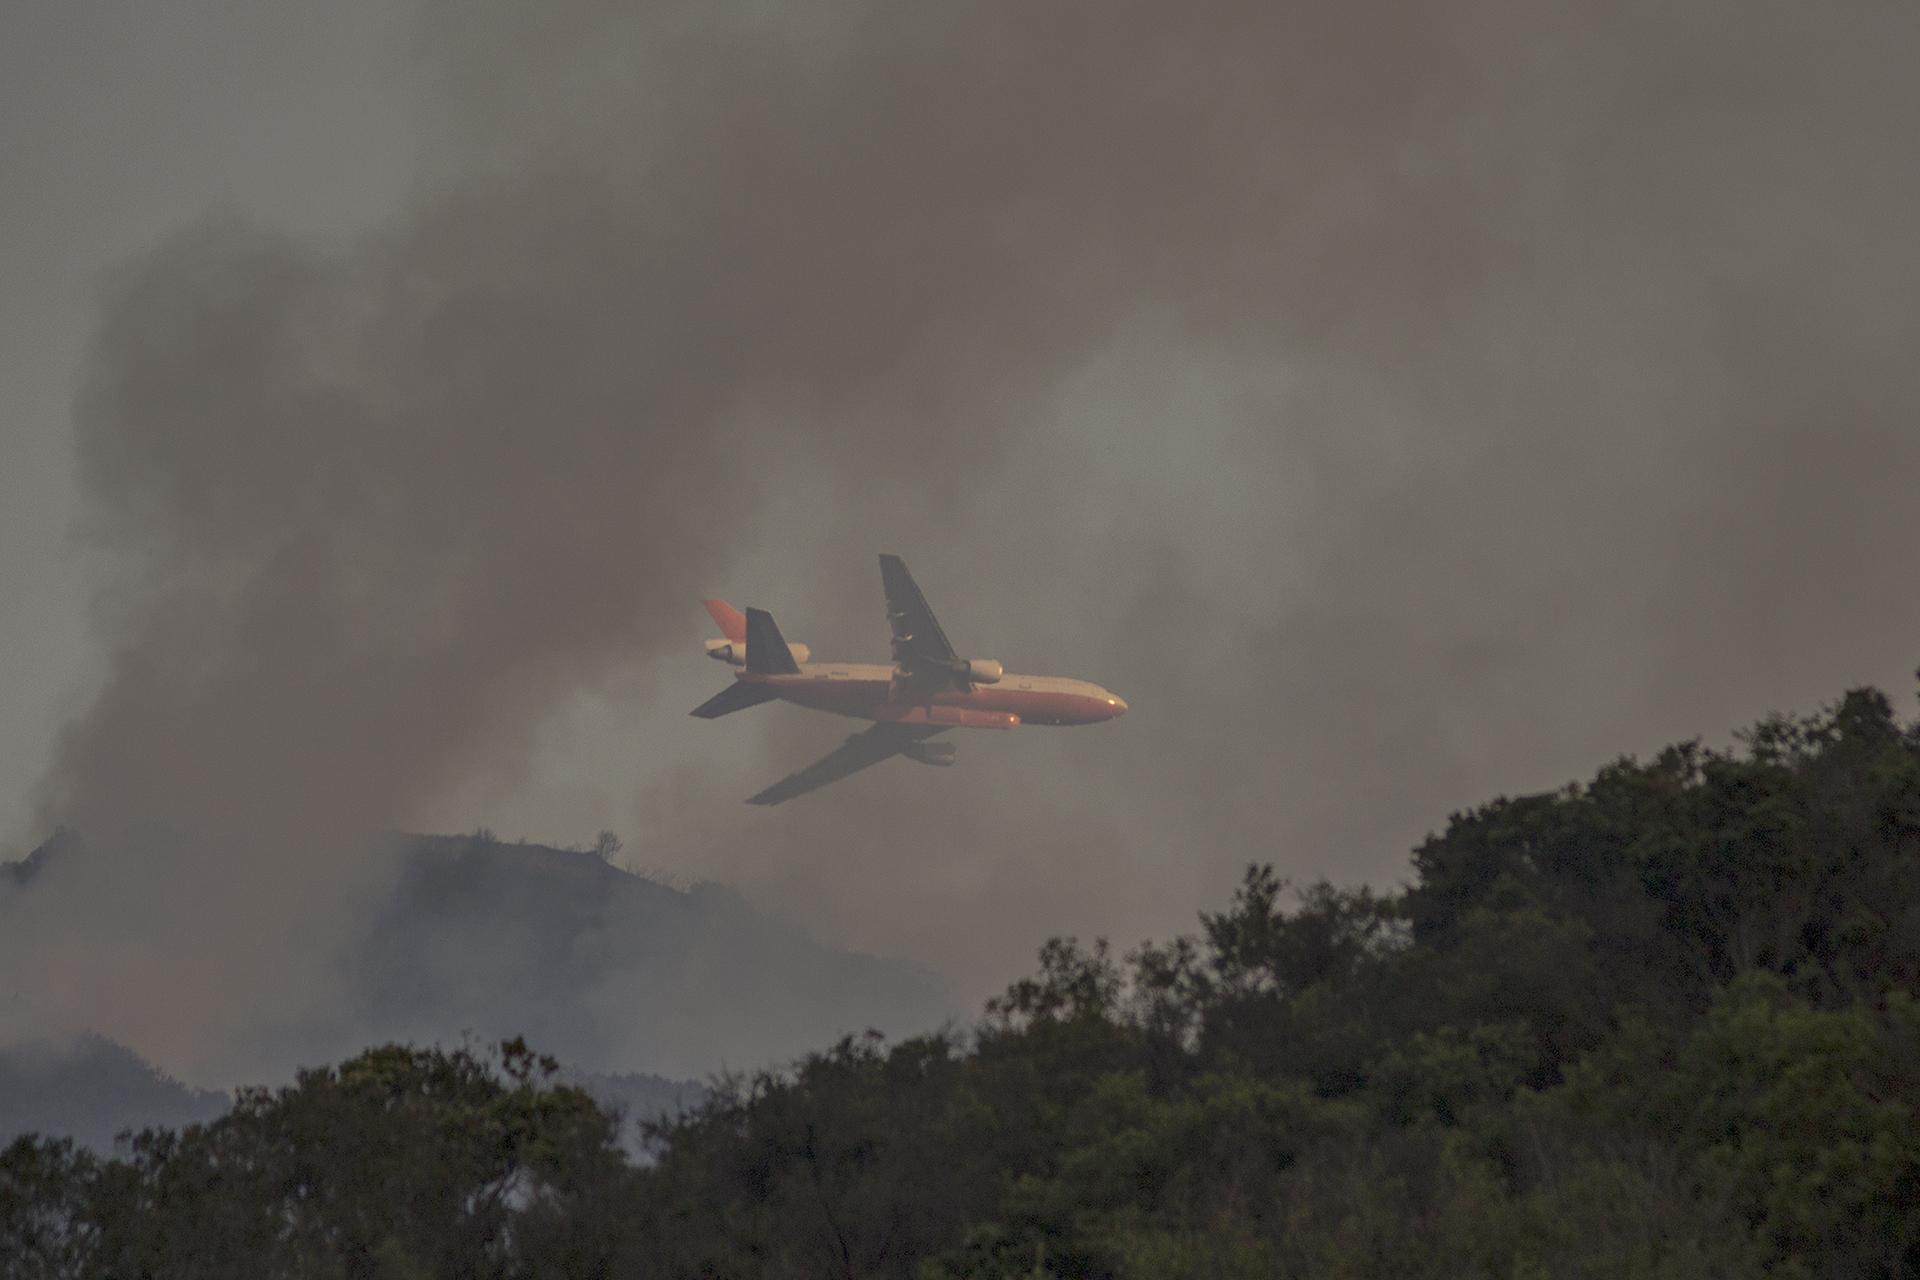 Un avión de los bomberos sobrevuela cerca de Santa Barbara